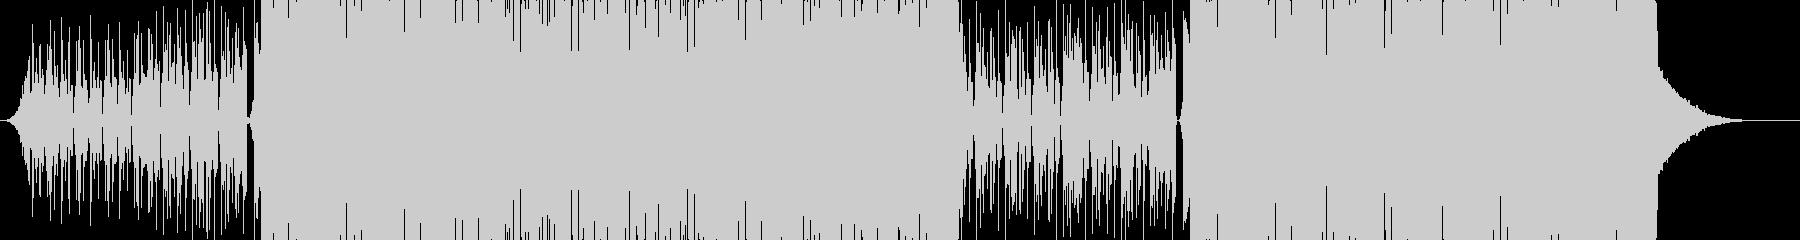 中毒性のあるアゲ↑なEDM/SNS映えの未再生の波形